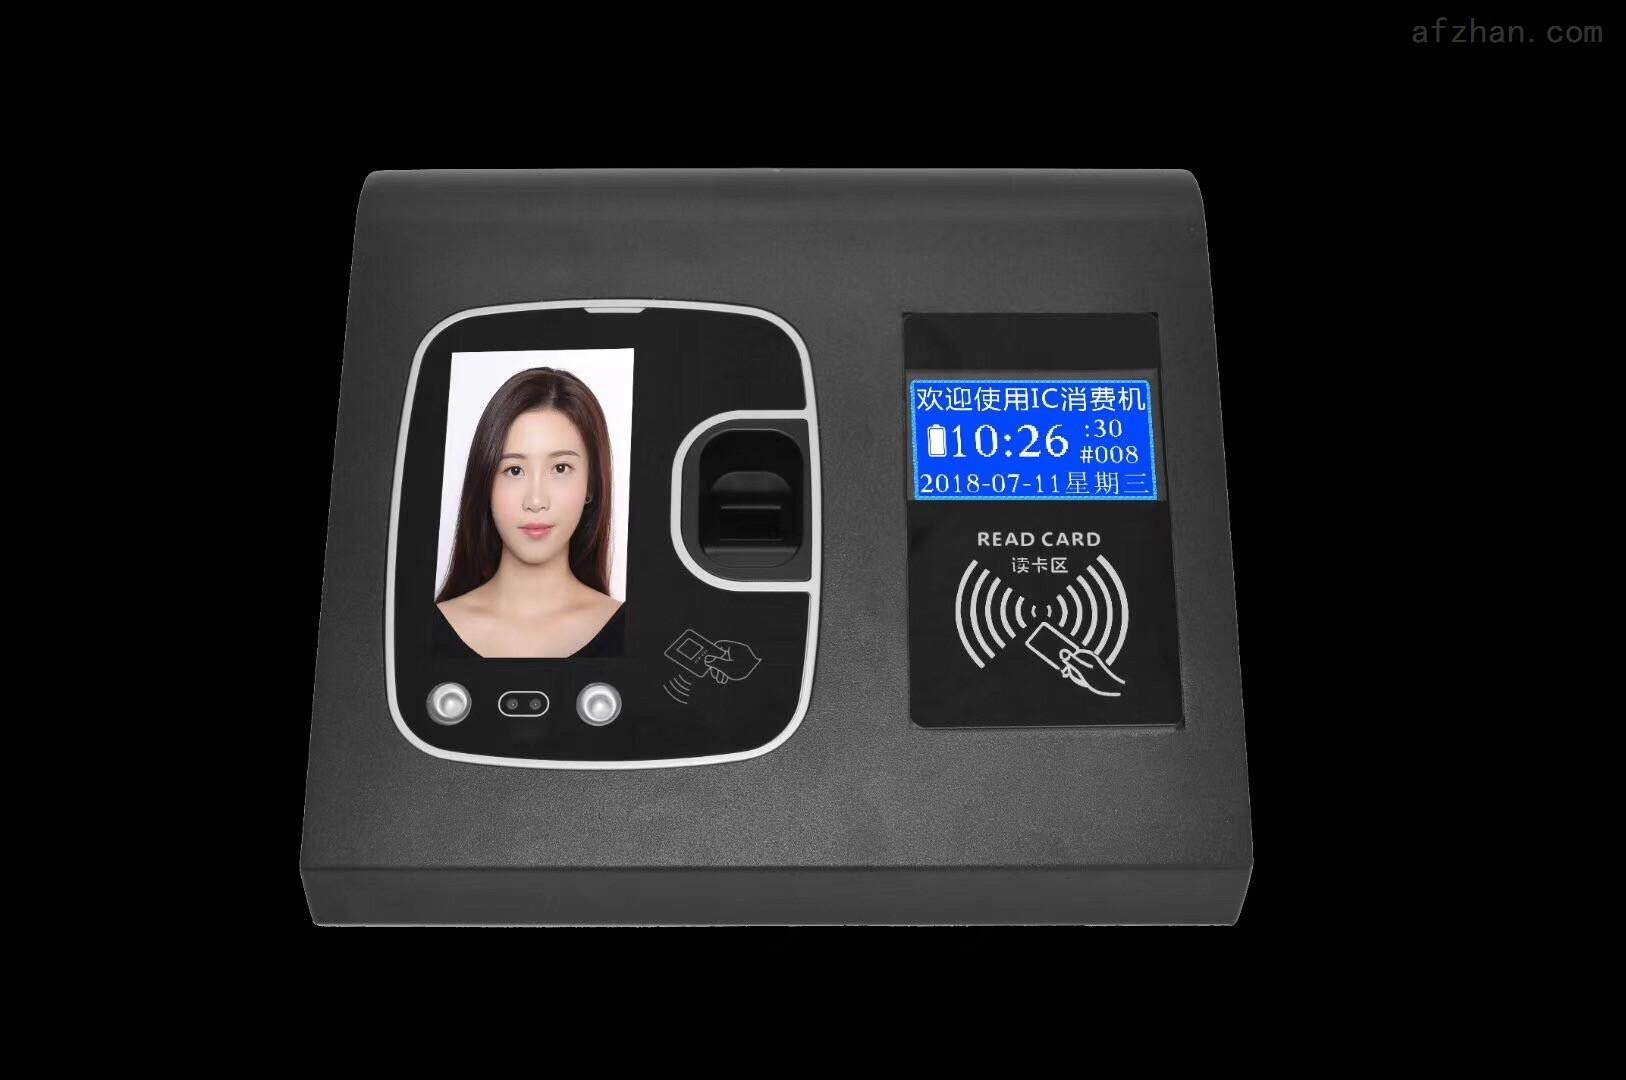 哈爾濱人臉識別消費系統